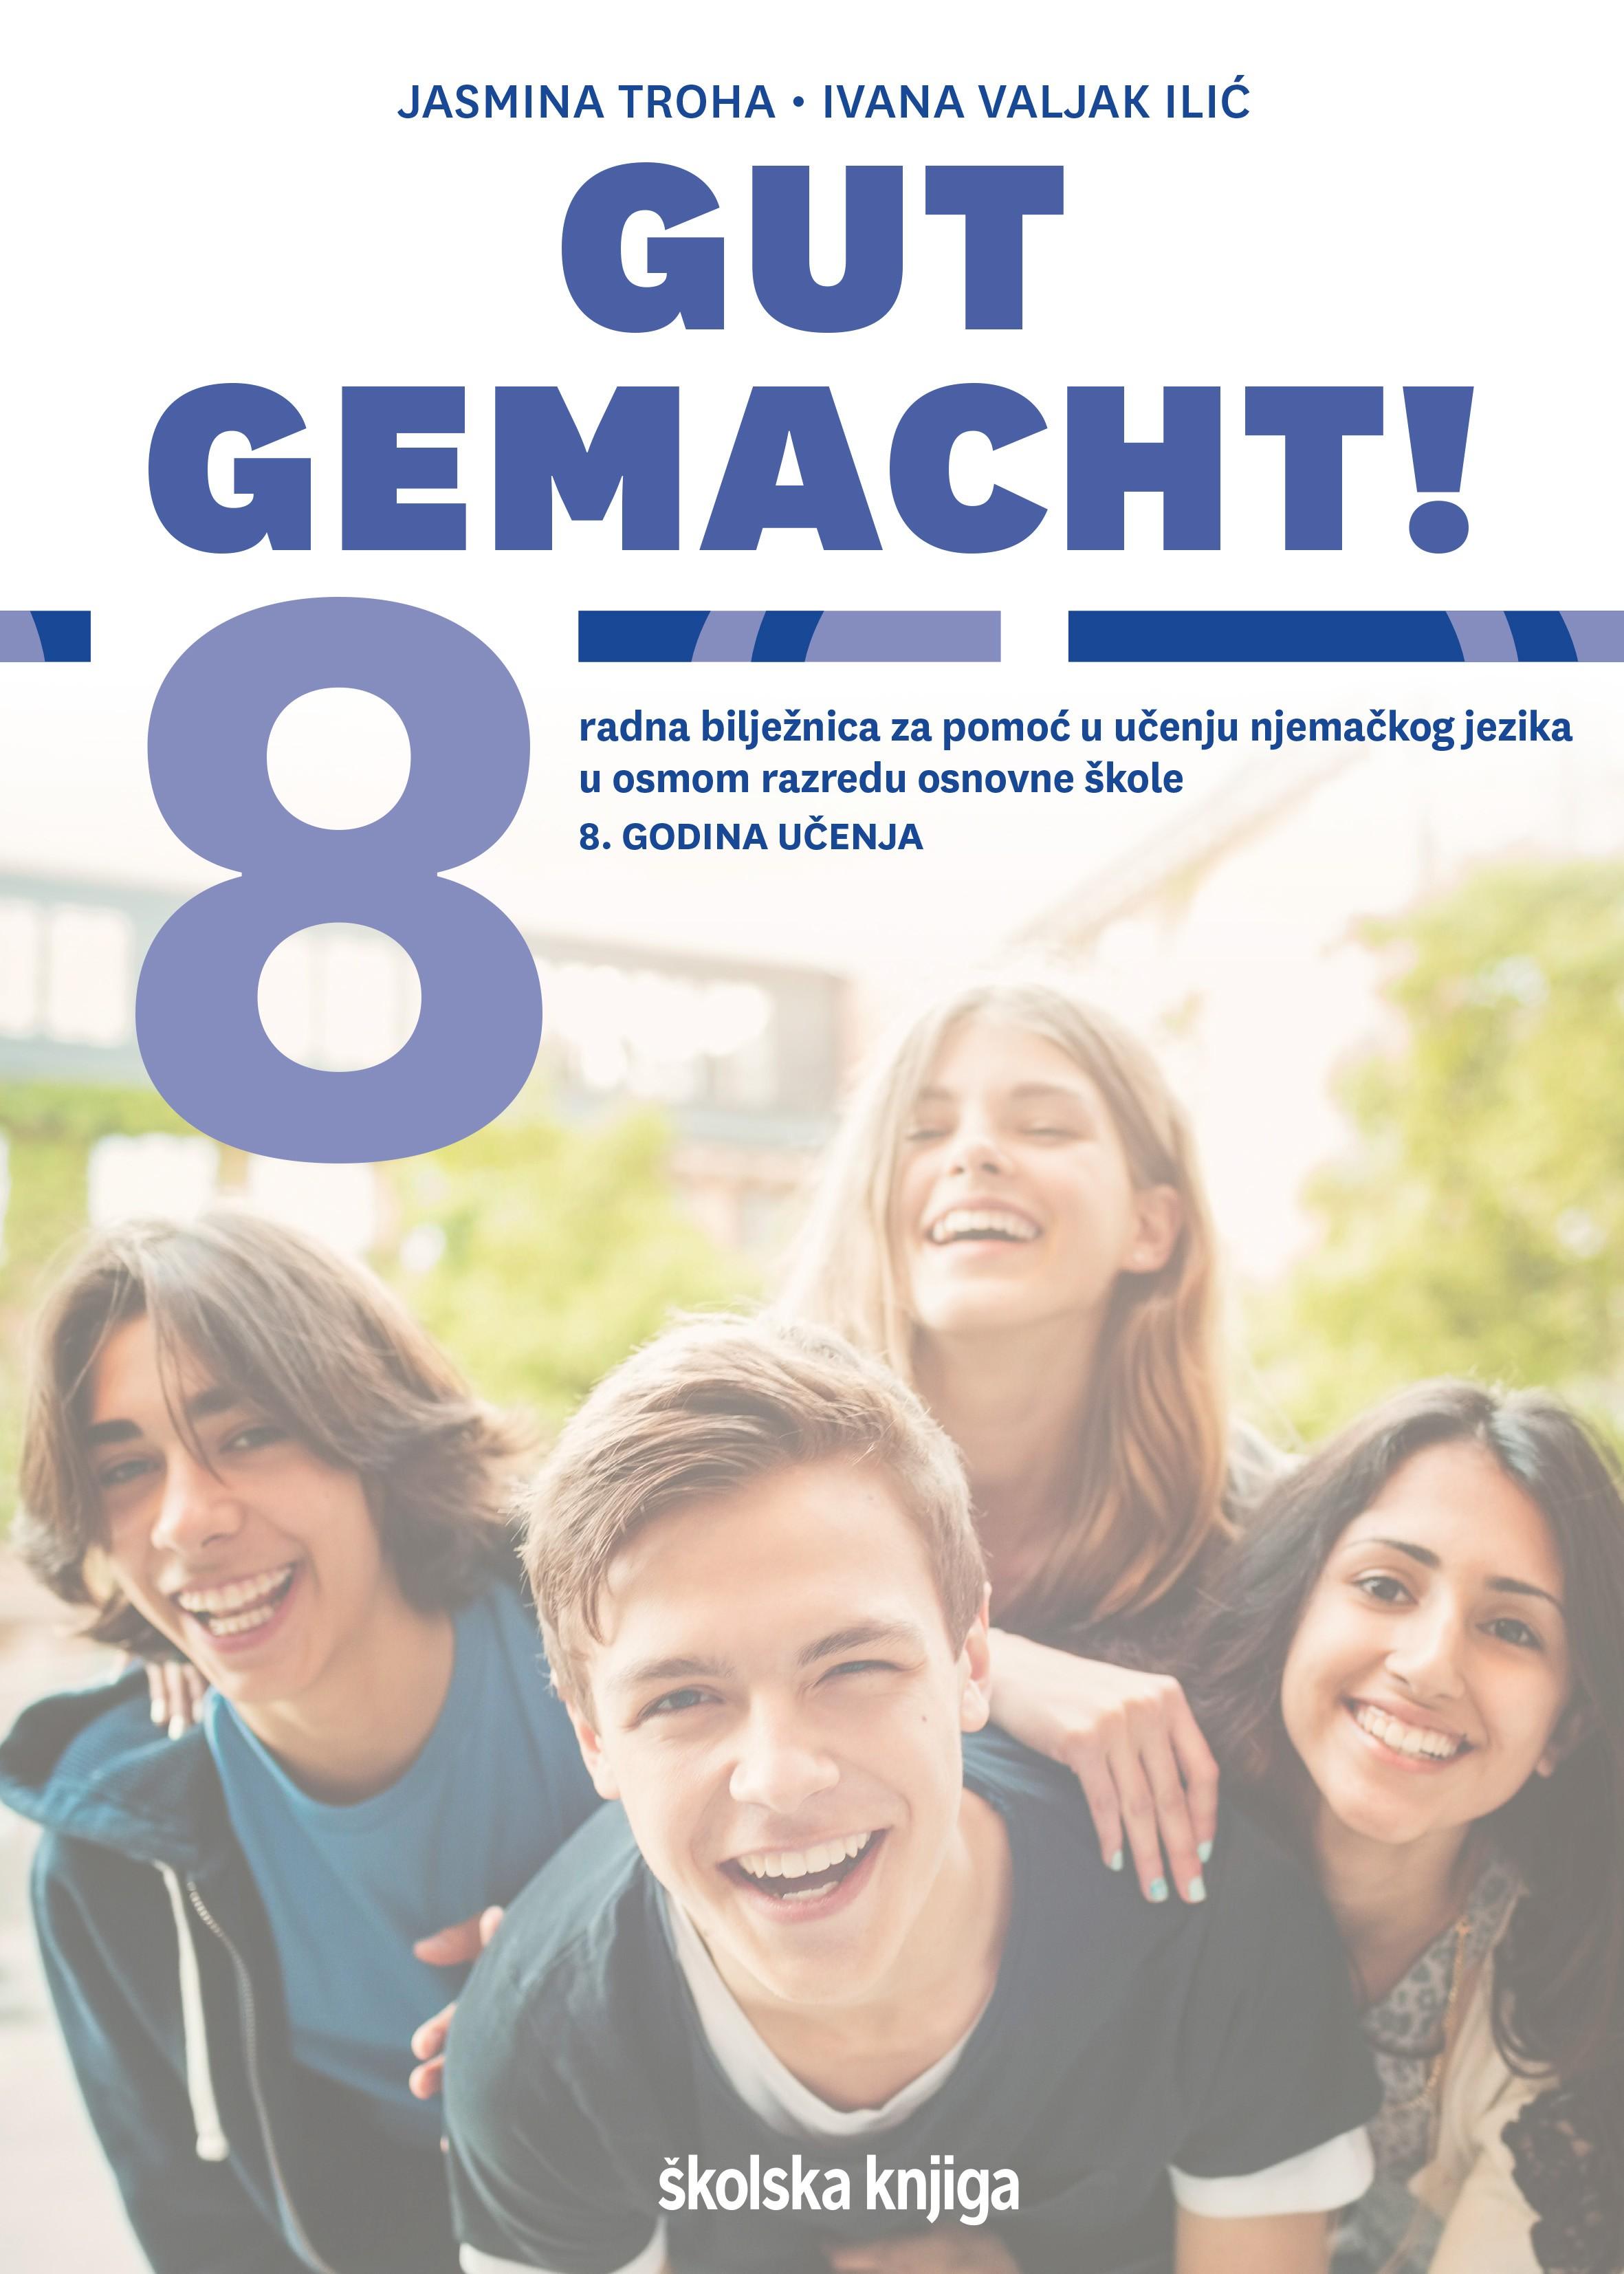 GUT GEMACHT! 8 - radna bilježnica za pomoć u učenju njemačkog jezika u osmom razredu osnovne škole, 8. godina učenja